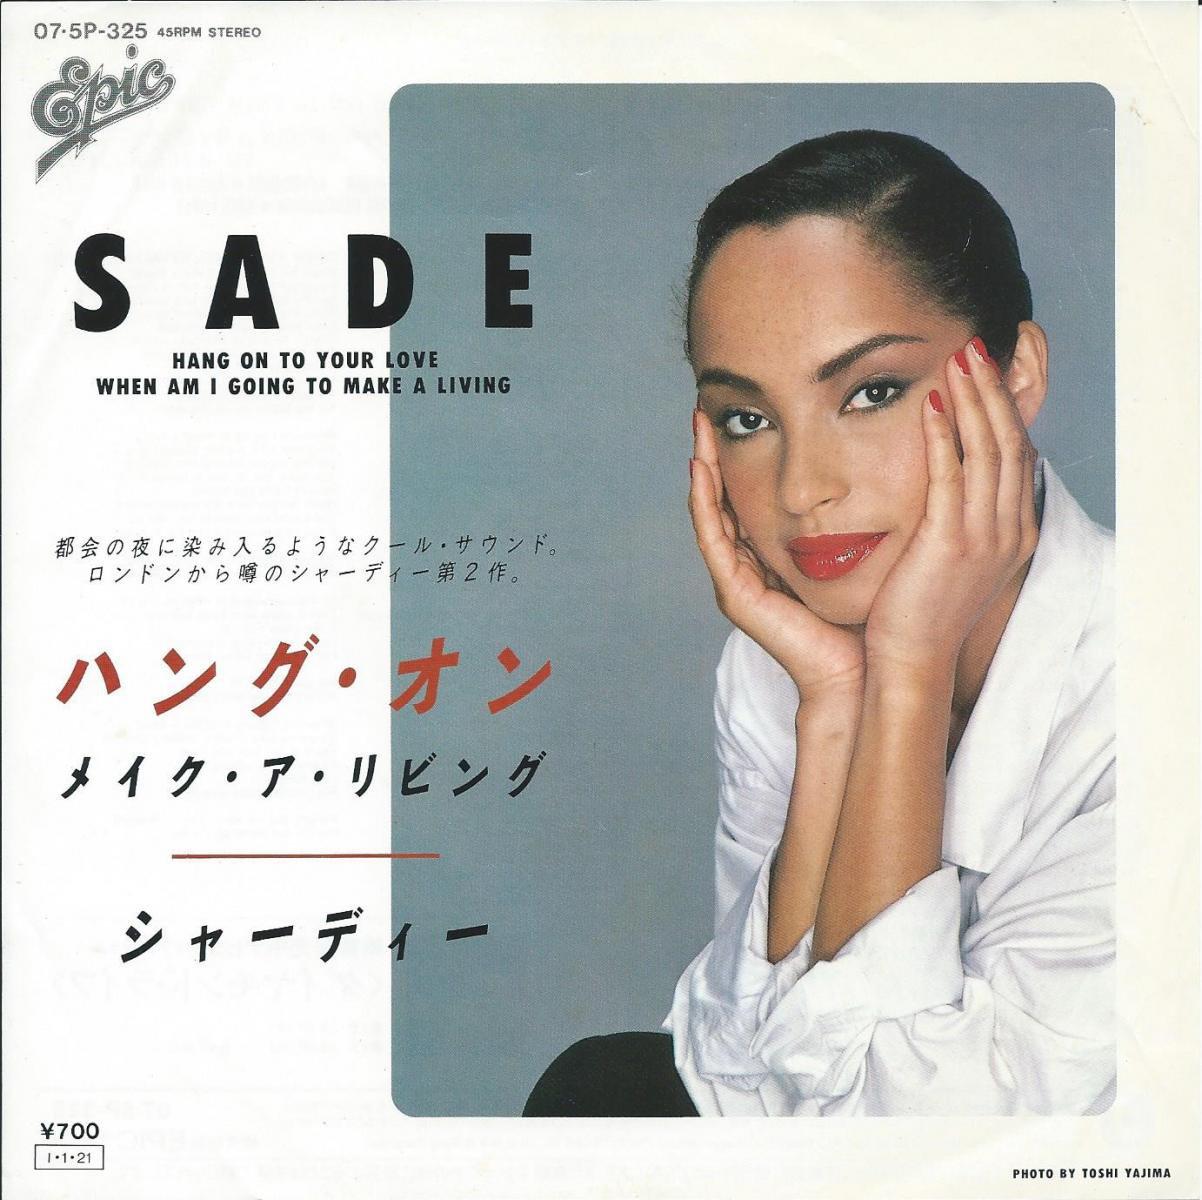 シャーデー SADE / ハング・オン HANG ON TO YOUR LOVE / メイク・ア・リビング WHEN AM I GOING TO MAKE A LIVING (7